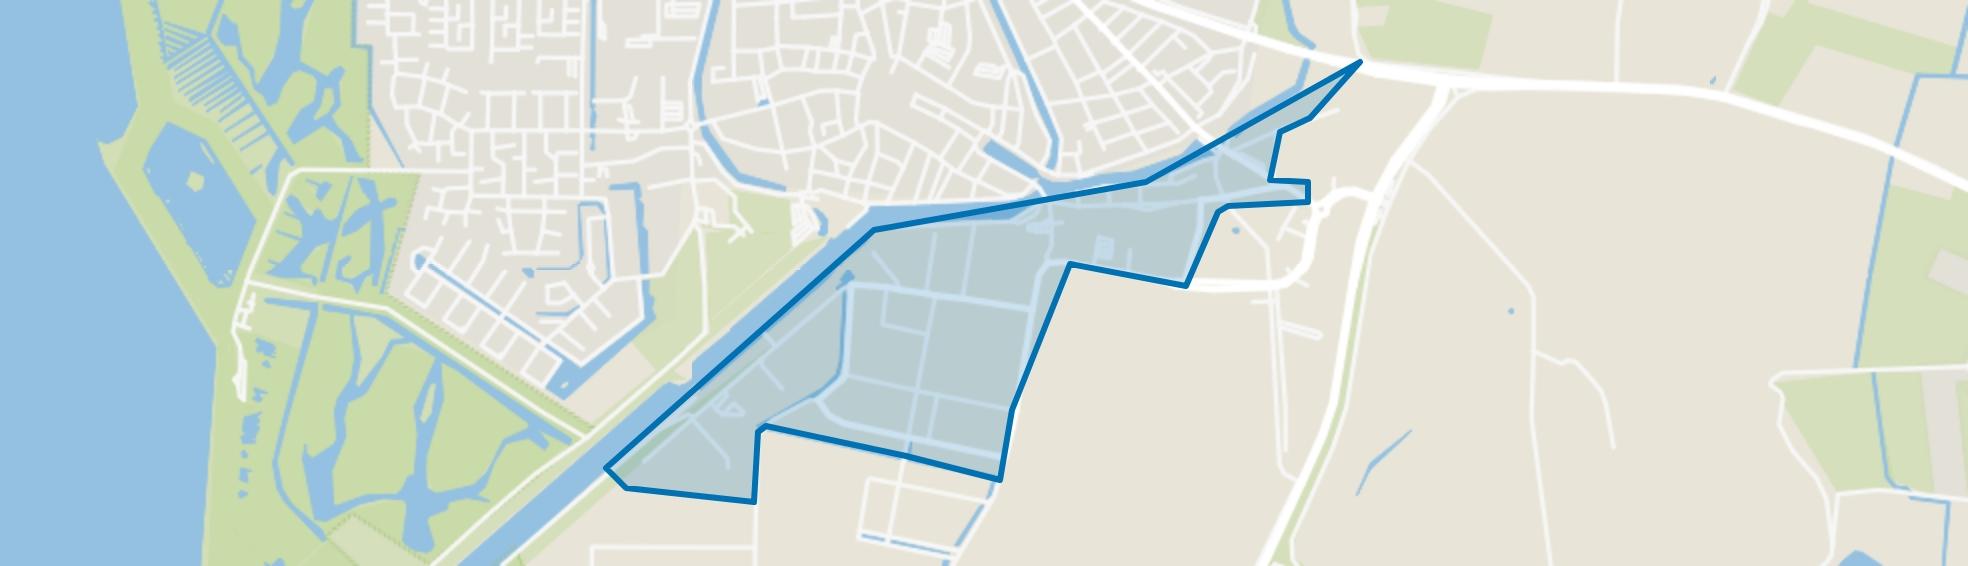 Zuidhoek, Zierikzee map